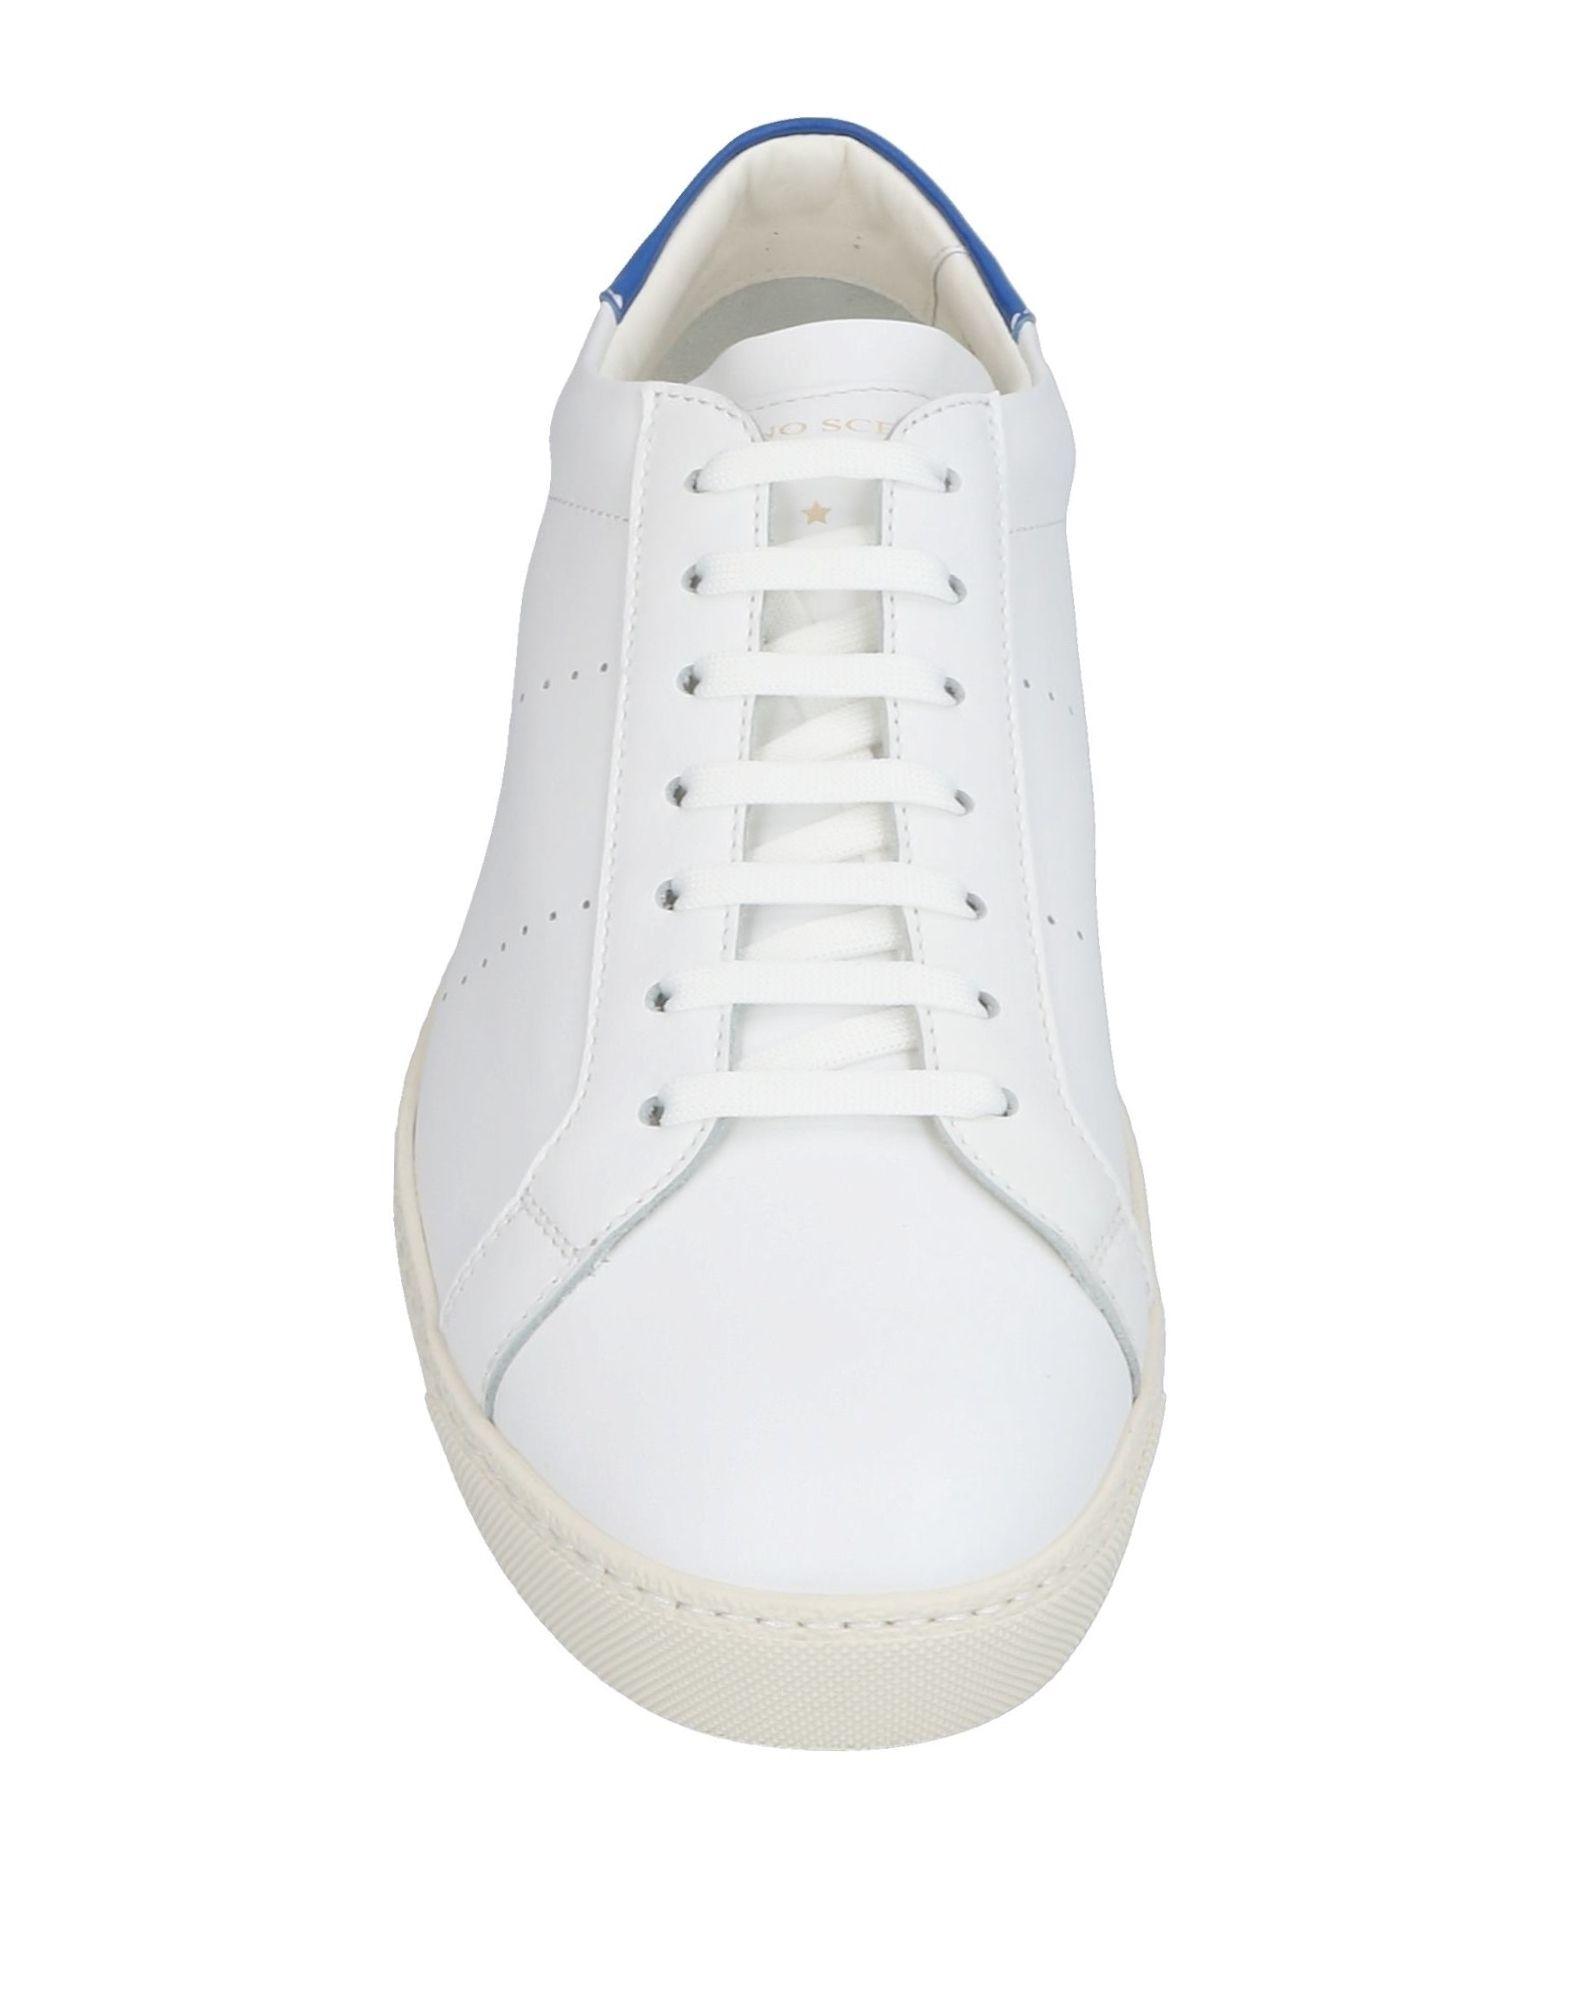 Ermanno Scervino  Sneakers Herren  Scervino 11442470TK 96da34